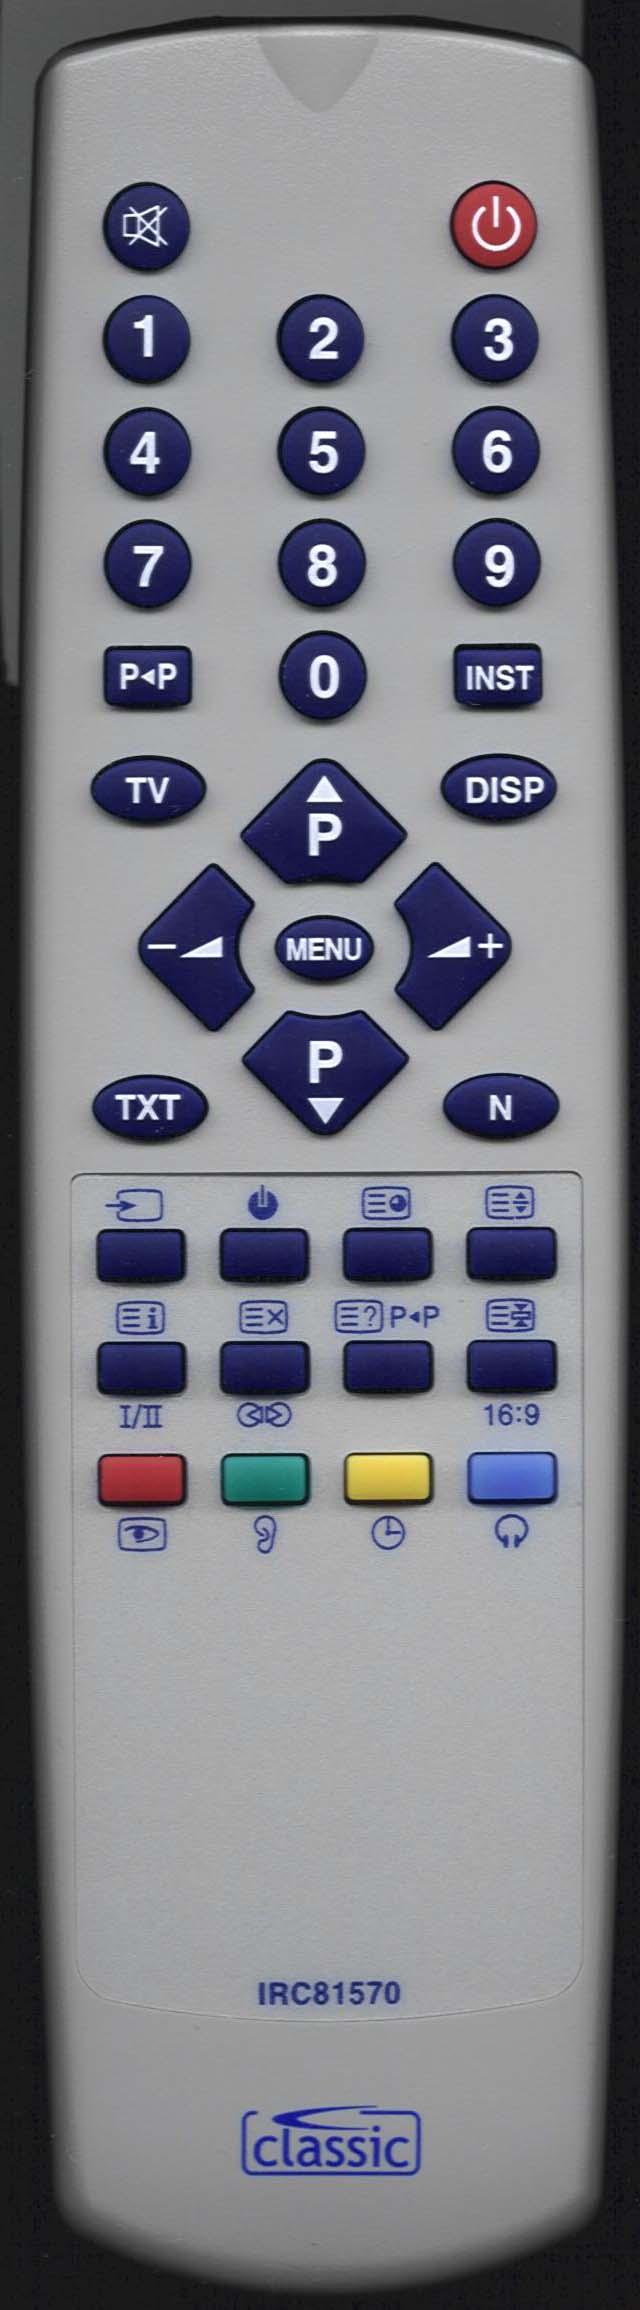 MATSUI 3130 108 21341 Remote Control Alternative